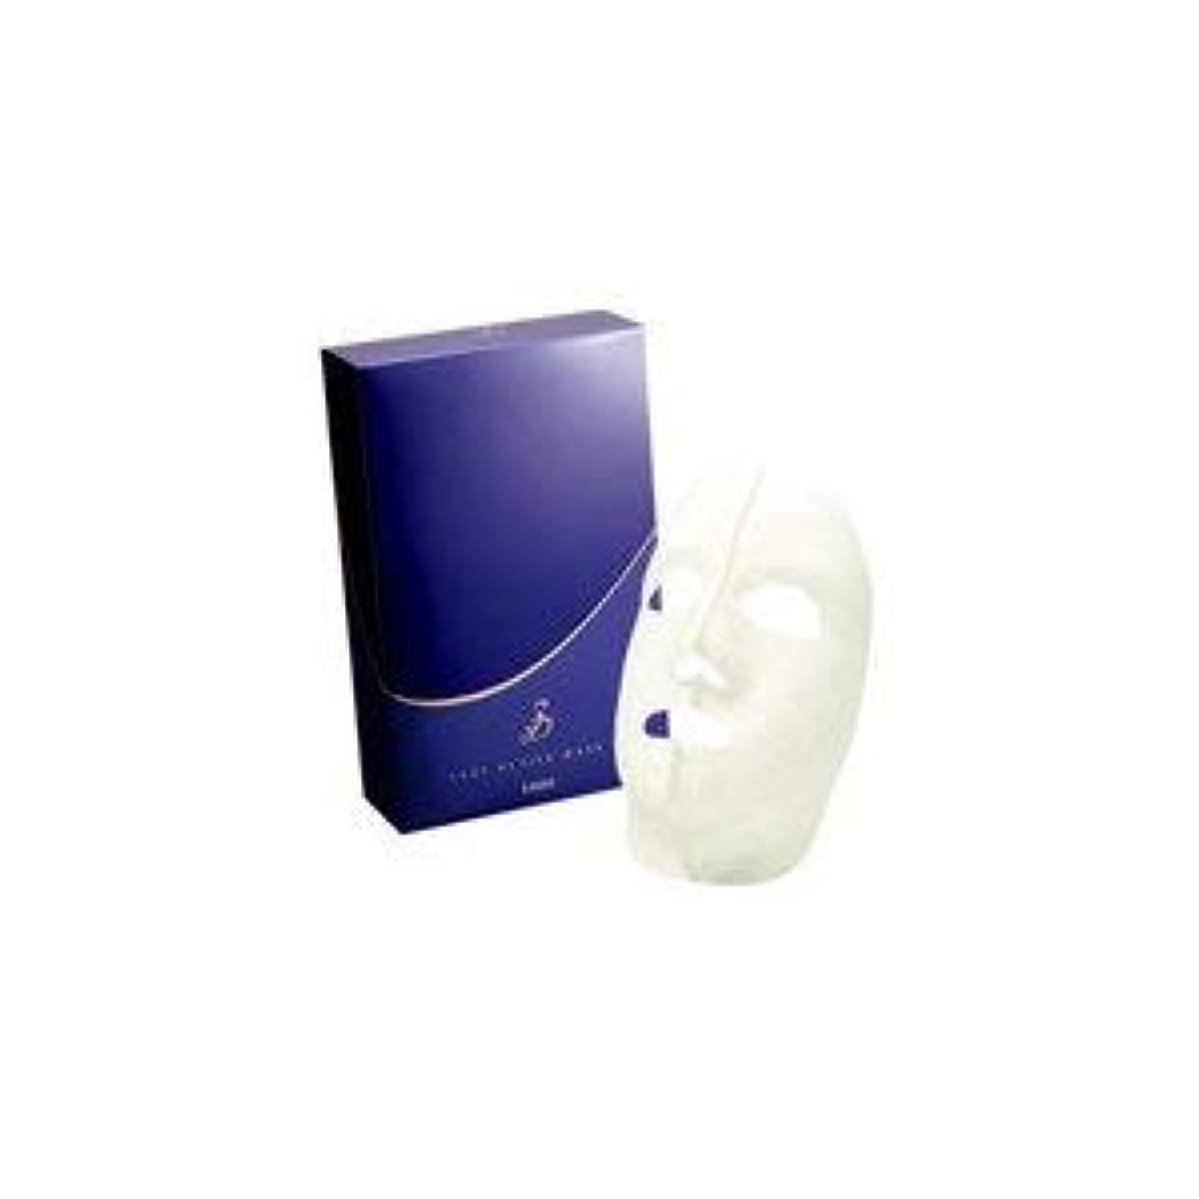 繁殖増幅器口述するダイアナ ディアナージュ 3D ファストアクティブマスク Ⅱ 30ml×6枚入り Diana